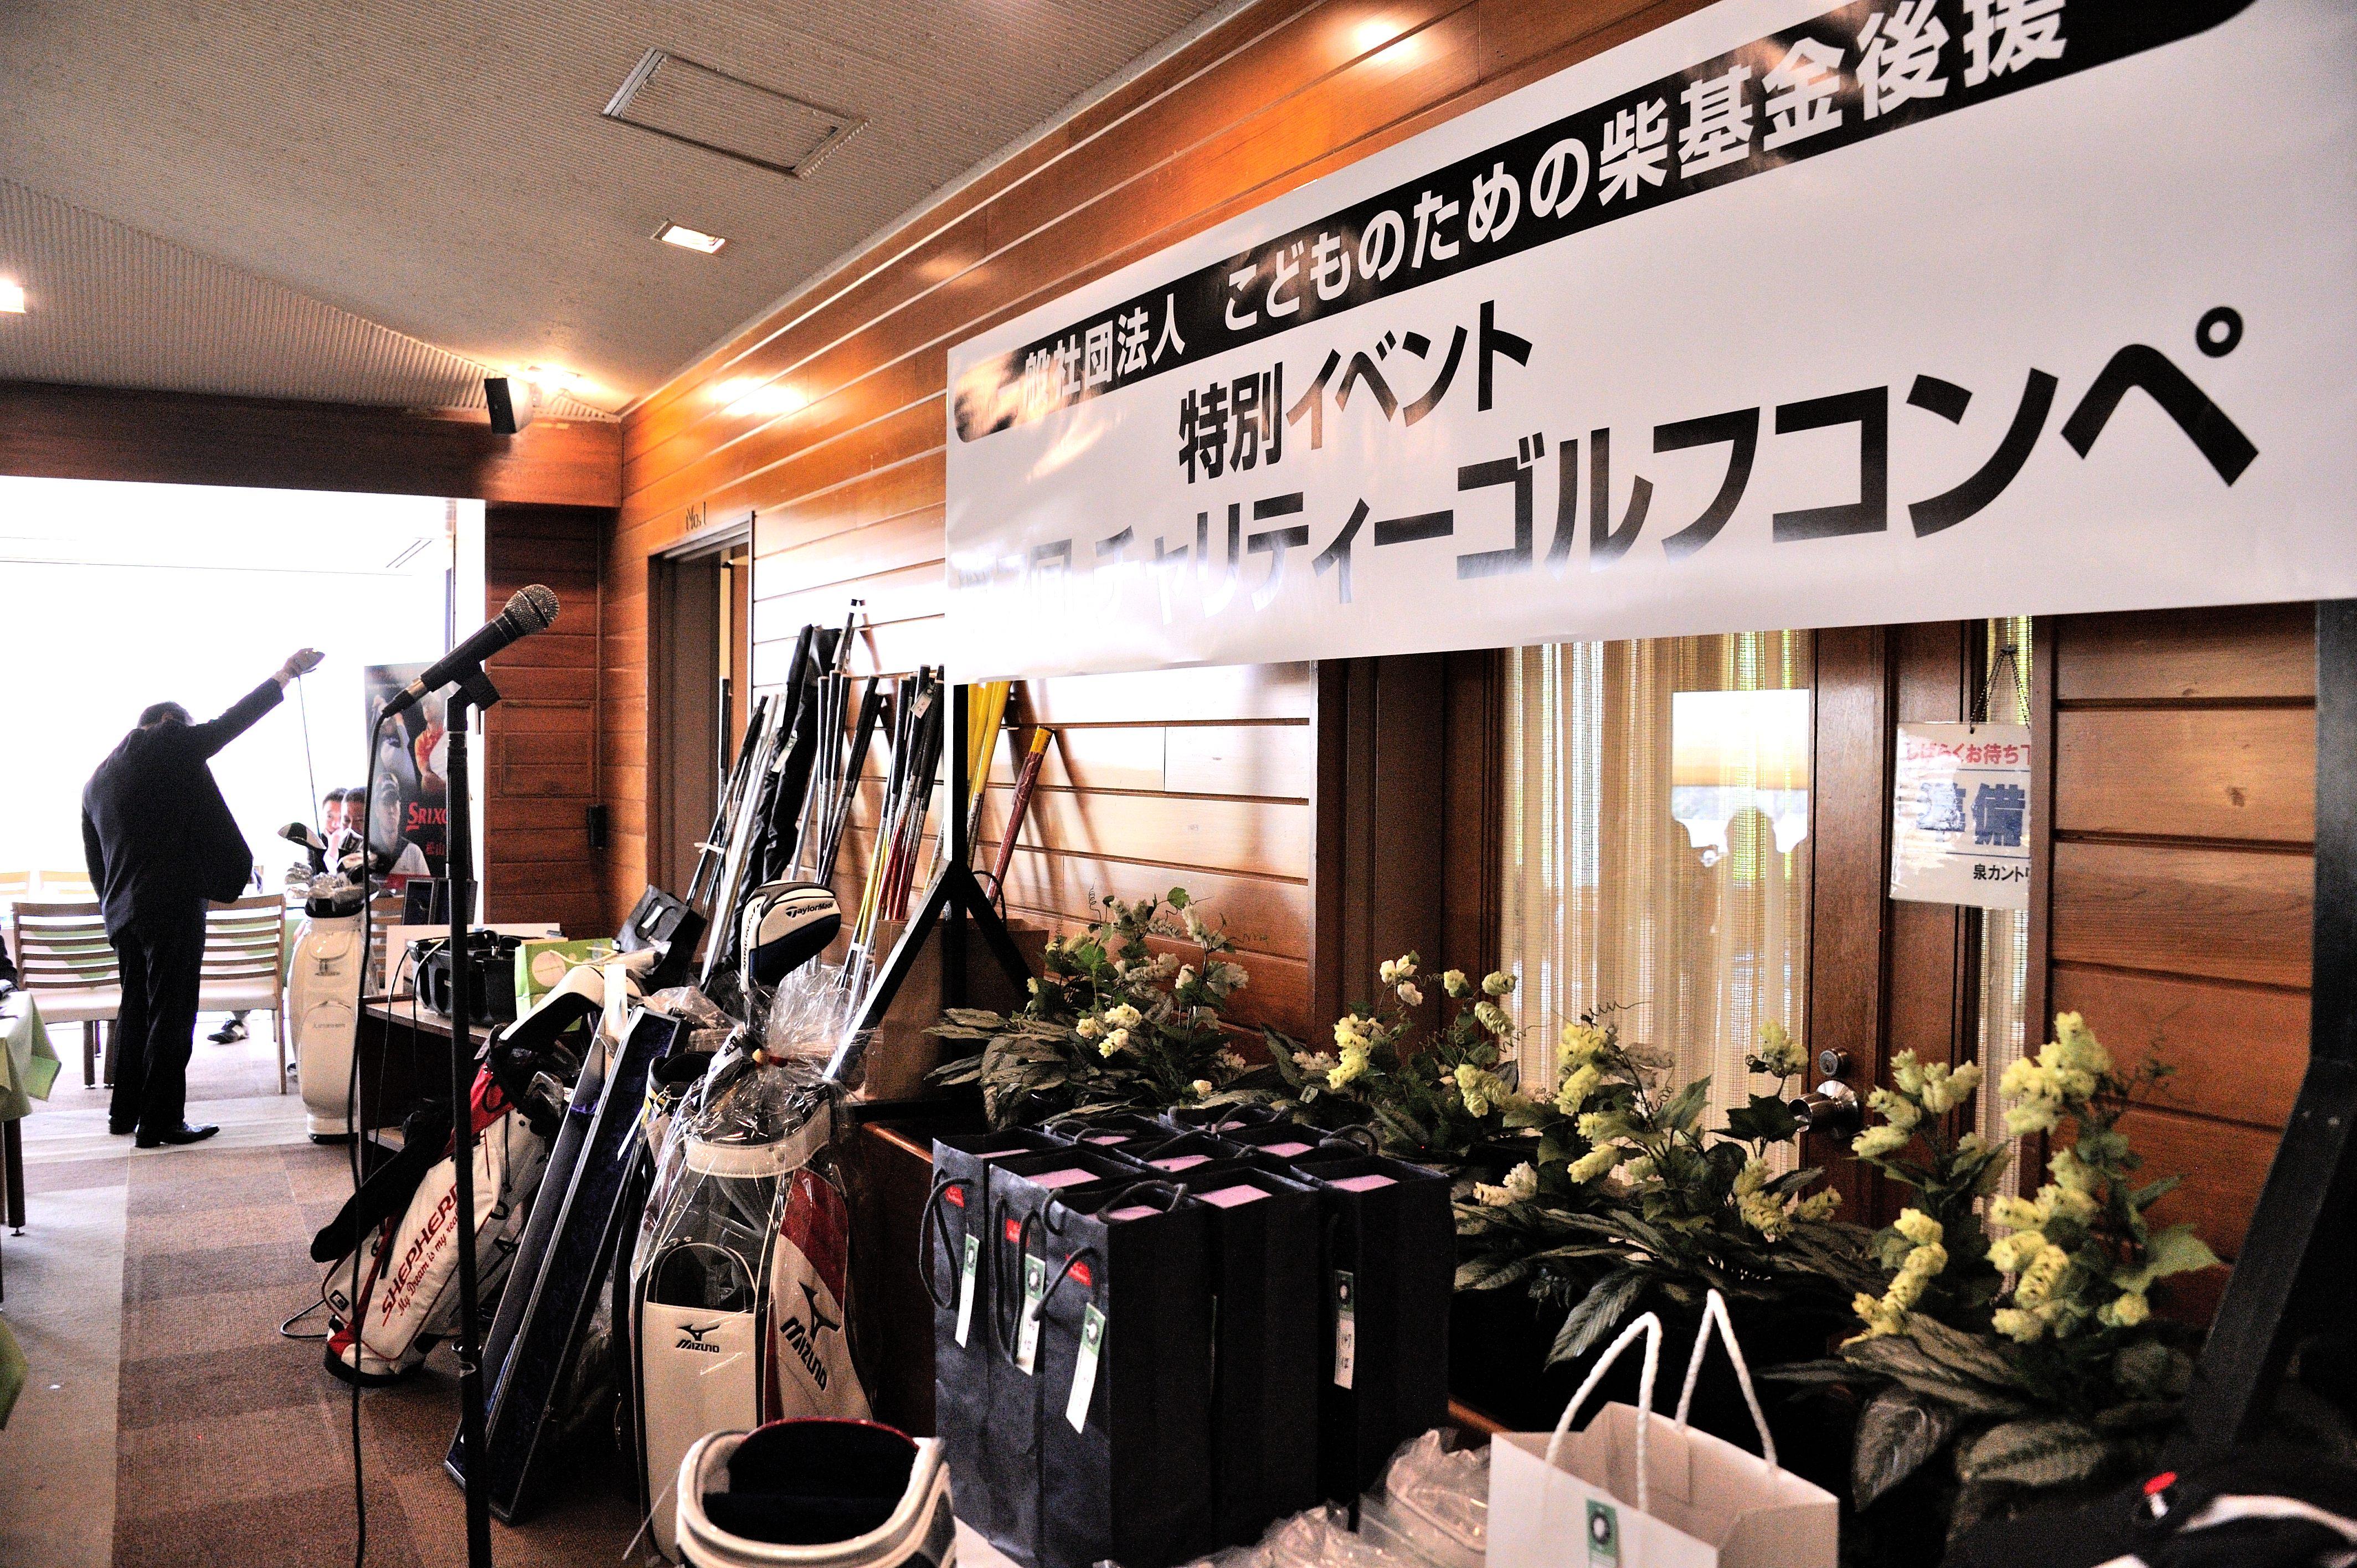 第7回チャリティーゴルフコンペ at 泉カントリー倶楽部